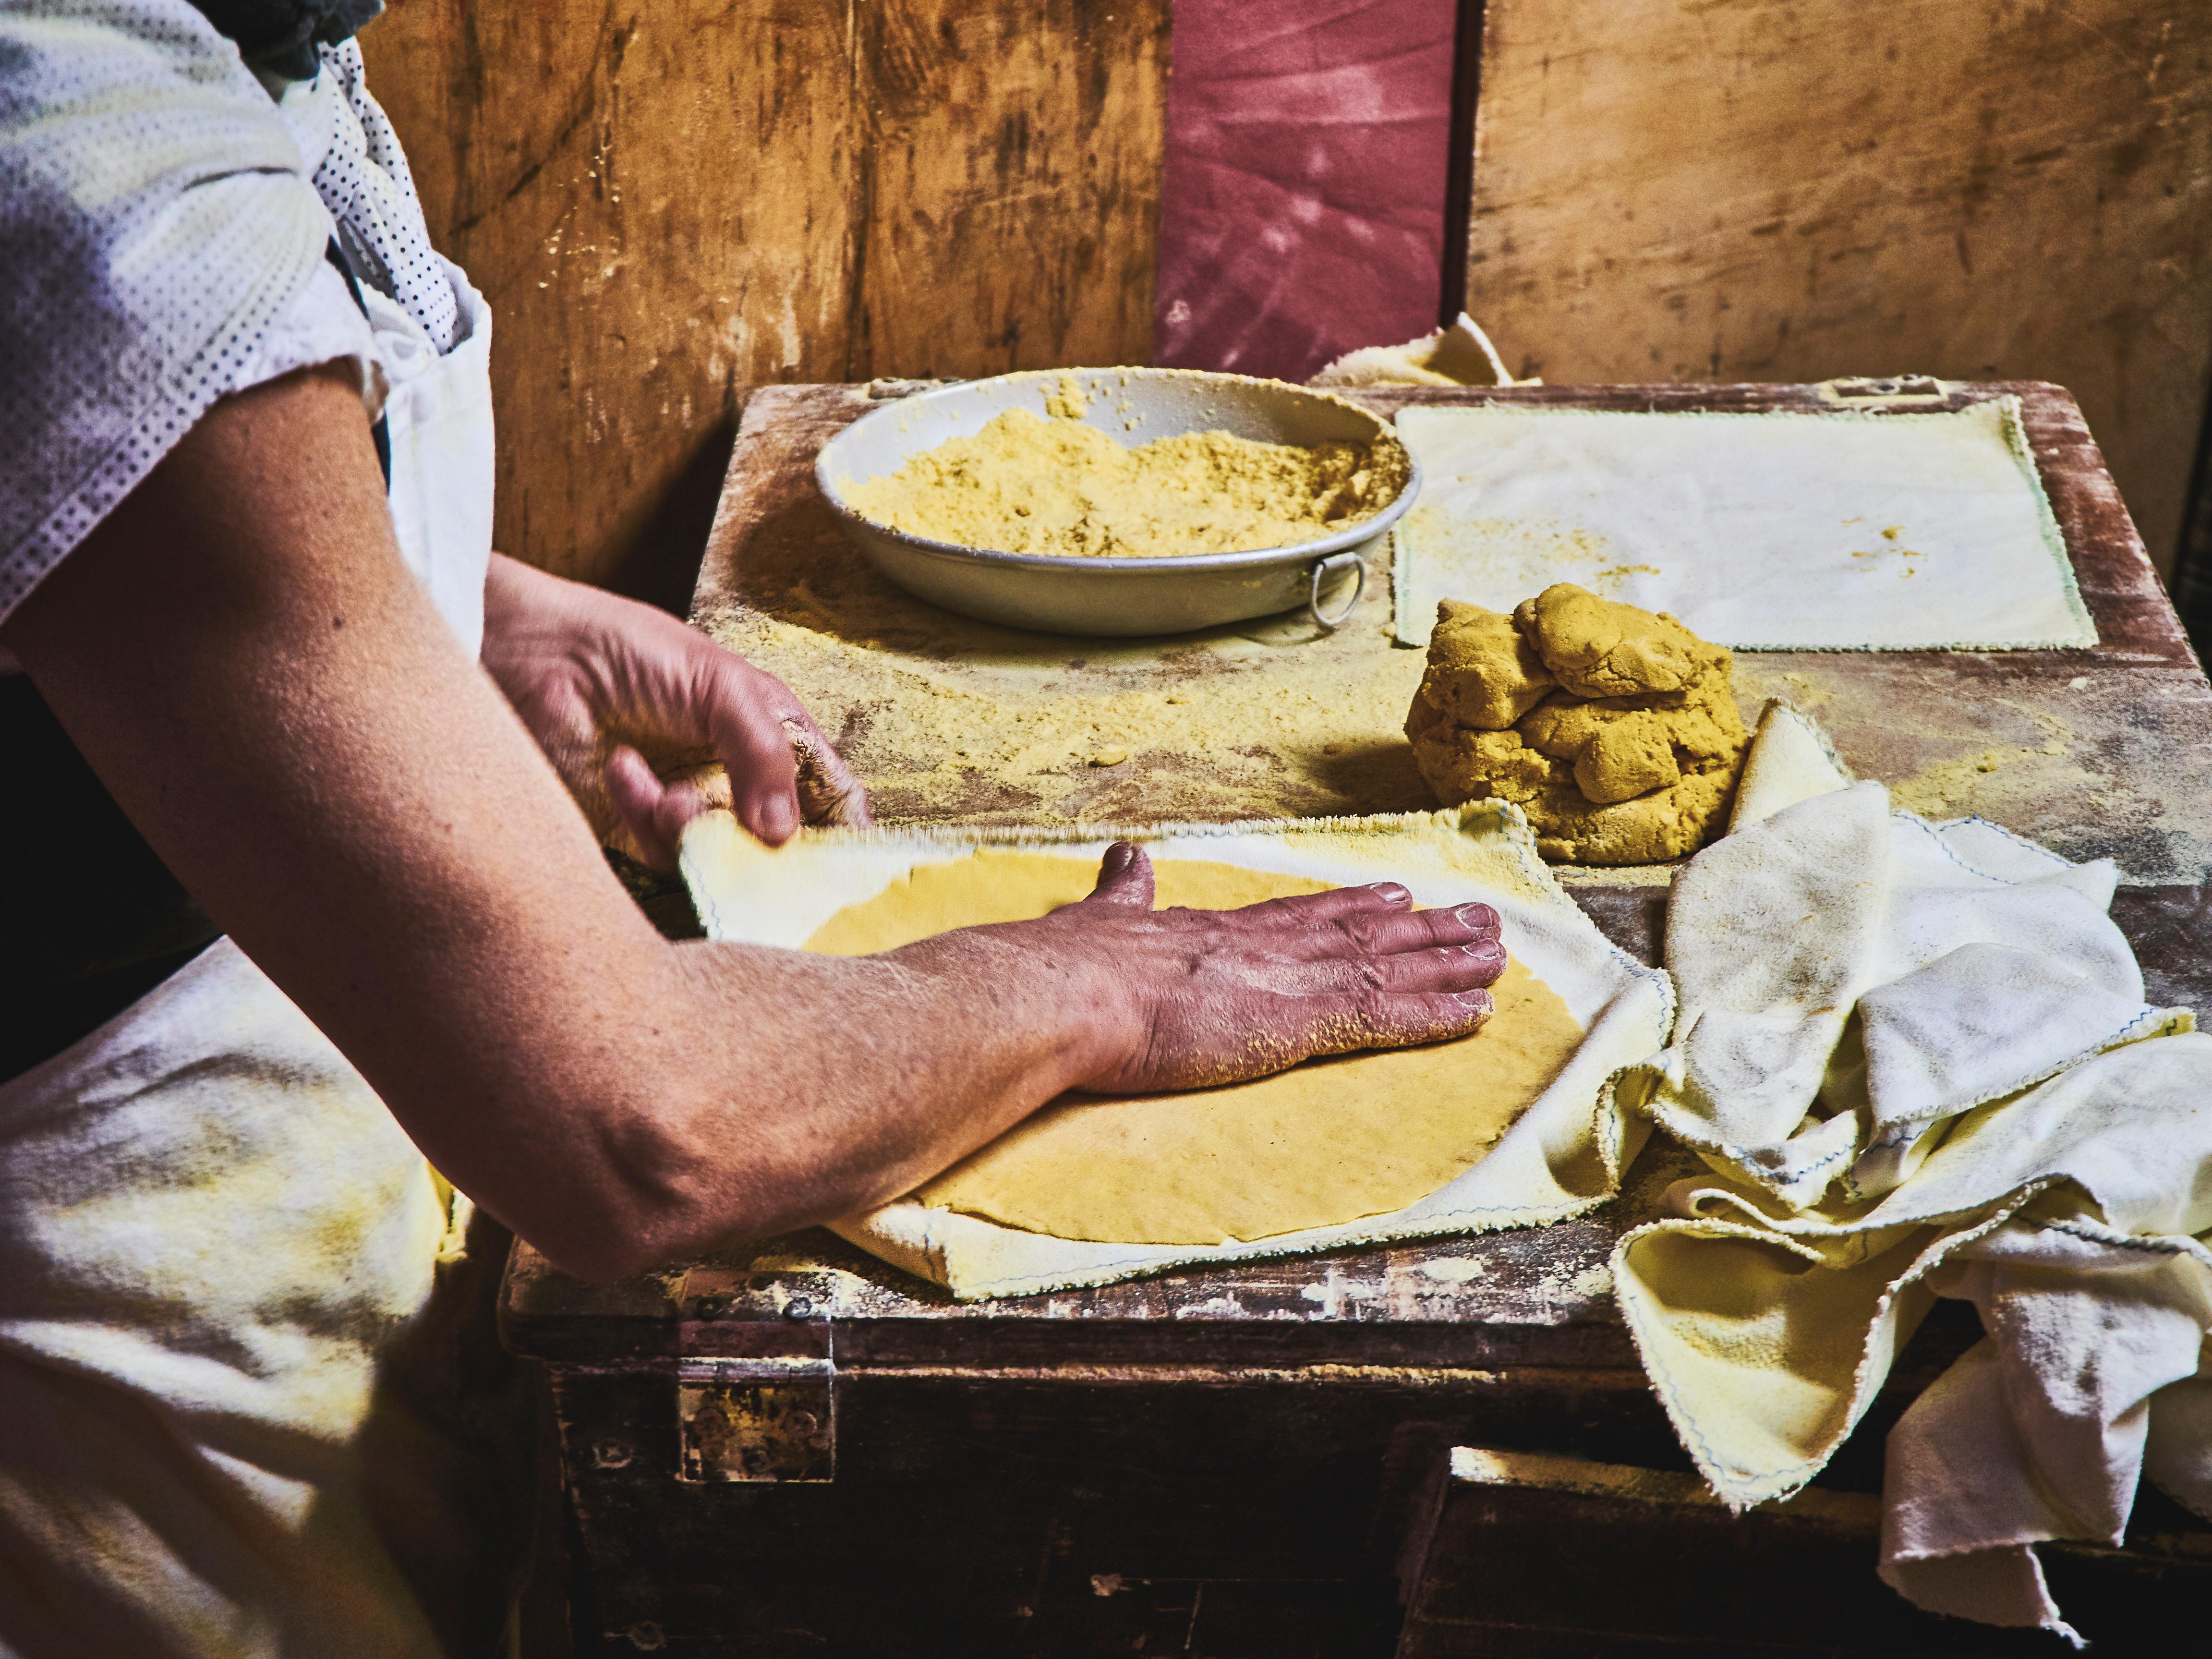 A person making a tortilla